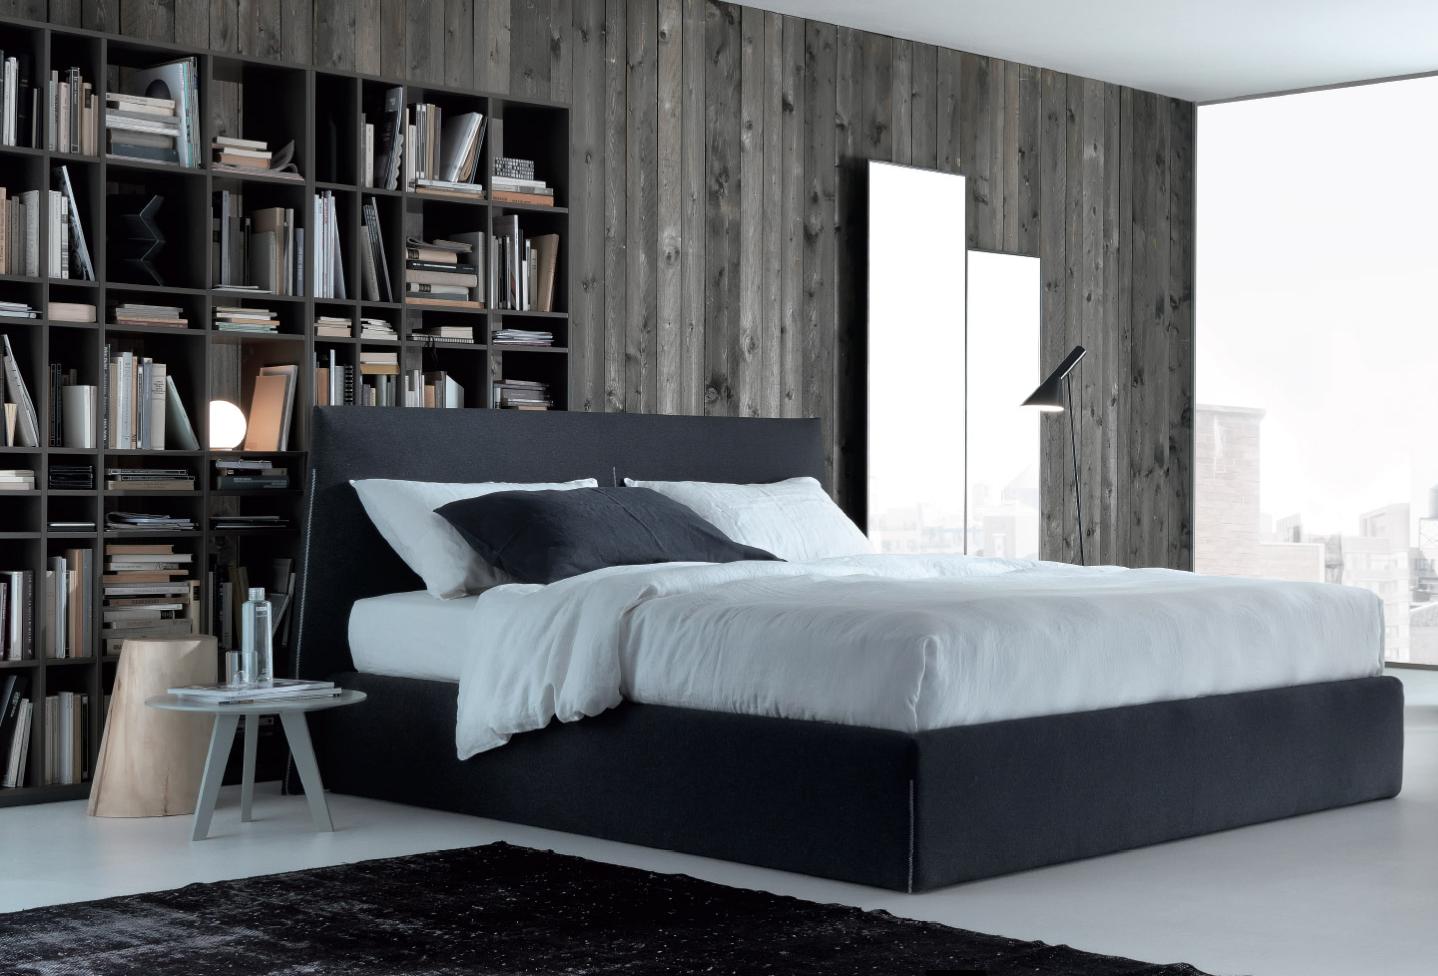 Interni d 39 autore arredamenti camera da letto for Arredamento letto